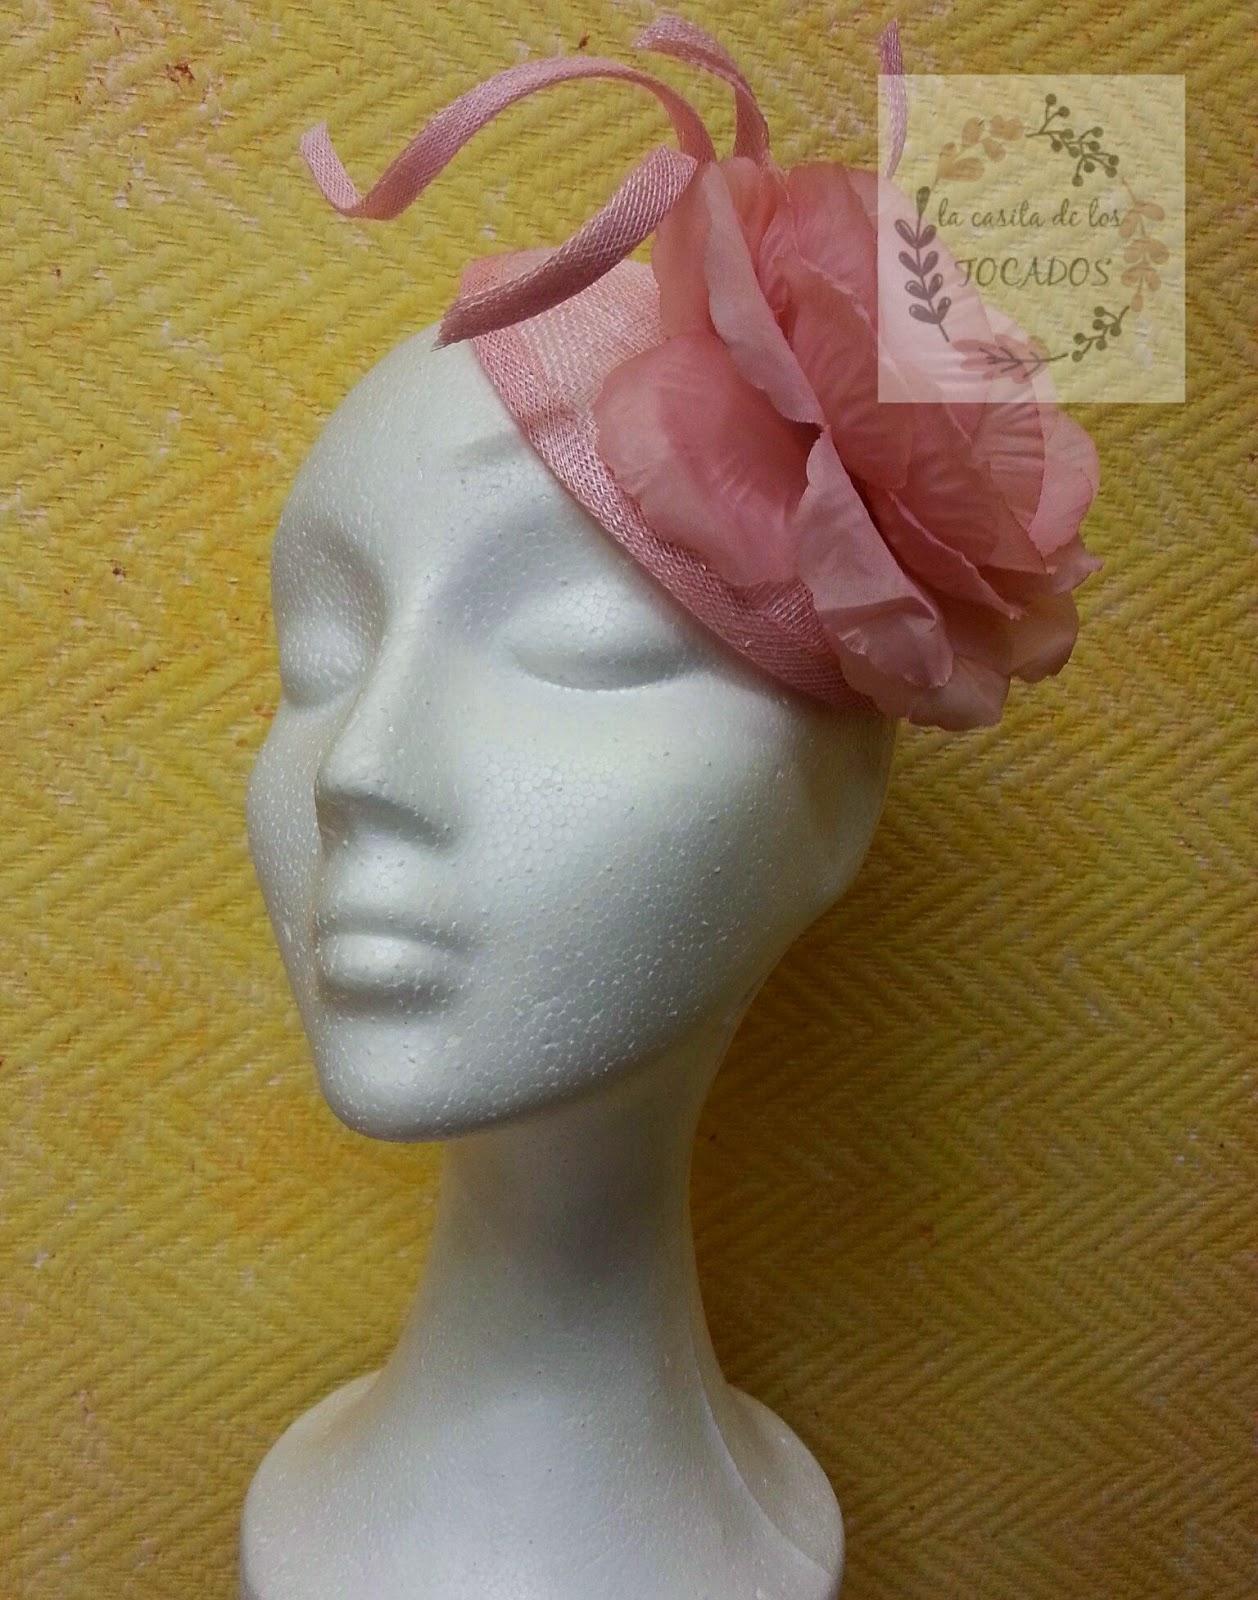 tocado para boda con flor en color rosa bebé, sencillo y barato